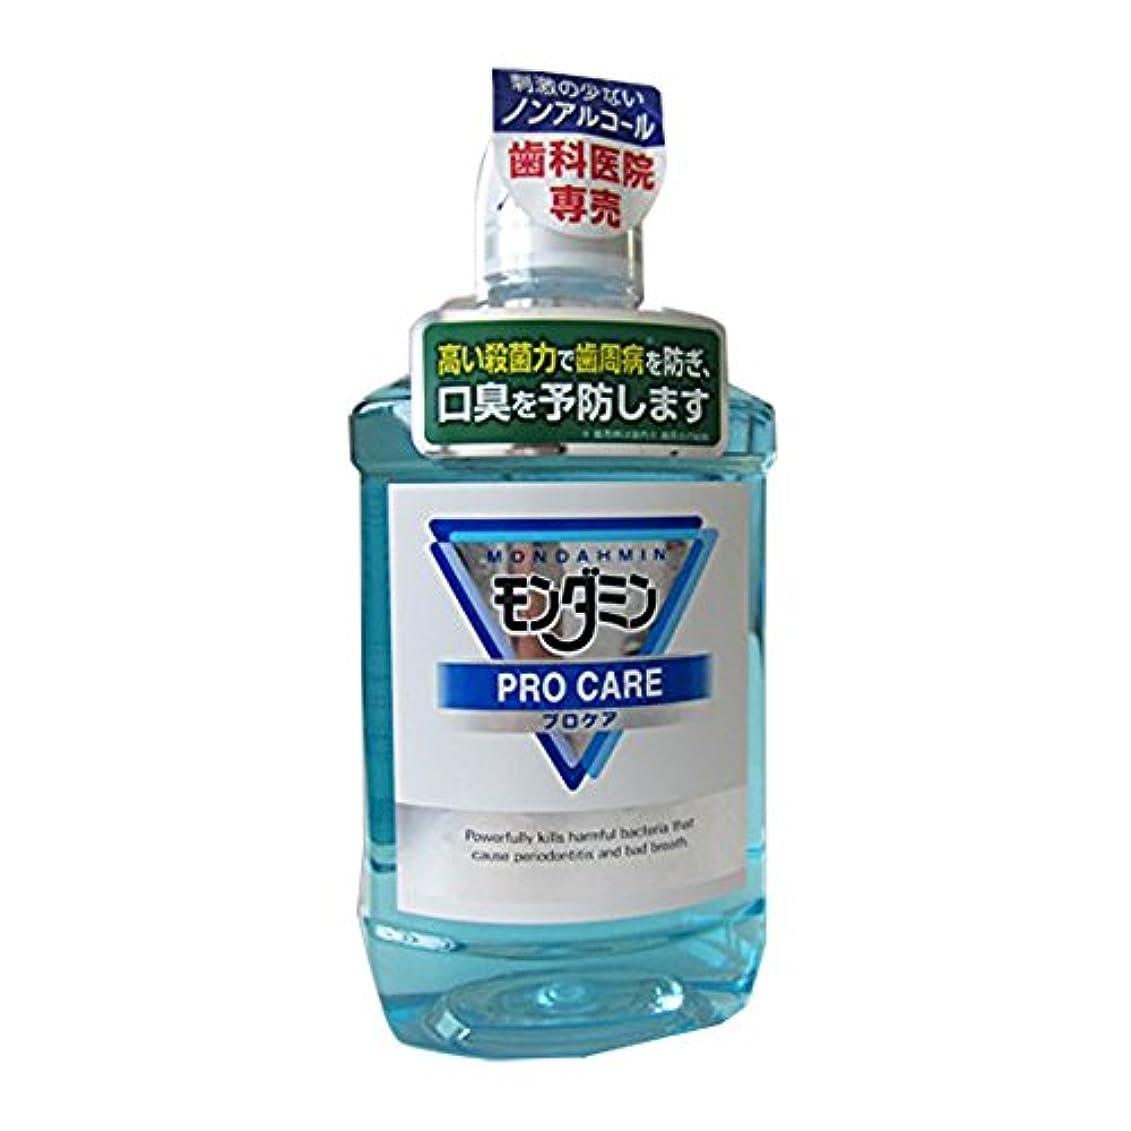 どっち遠征シャワーモンダミン モンダミン プロケア 1000ml ボトル 液体歯磨き単品